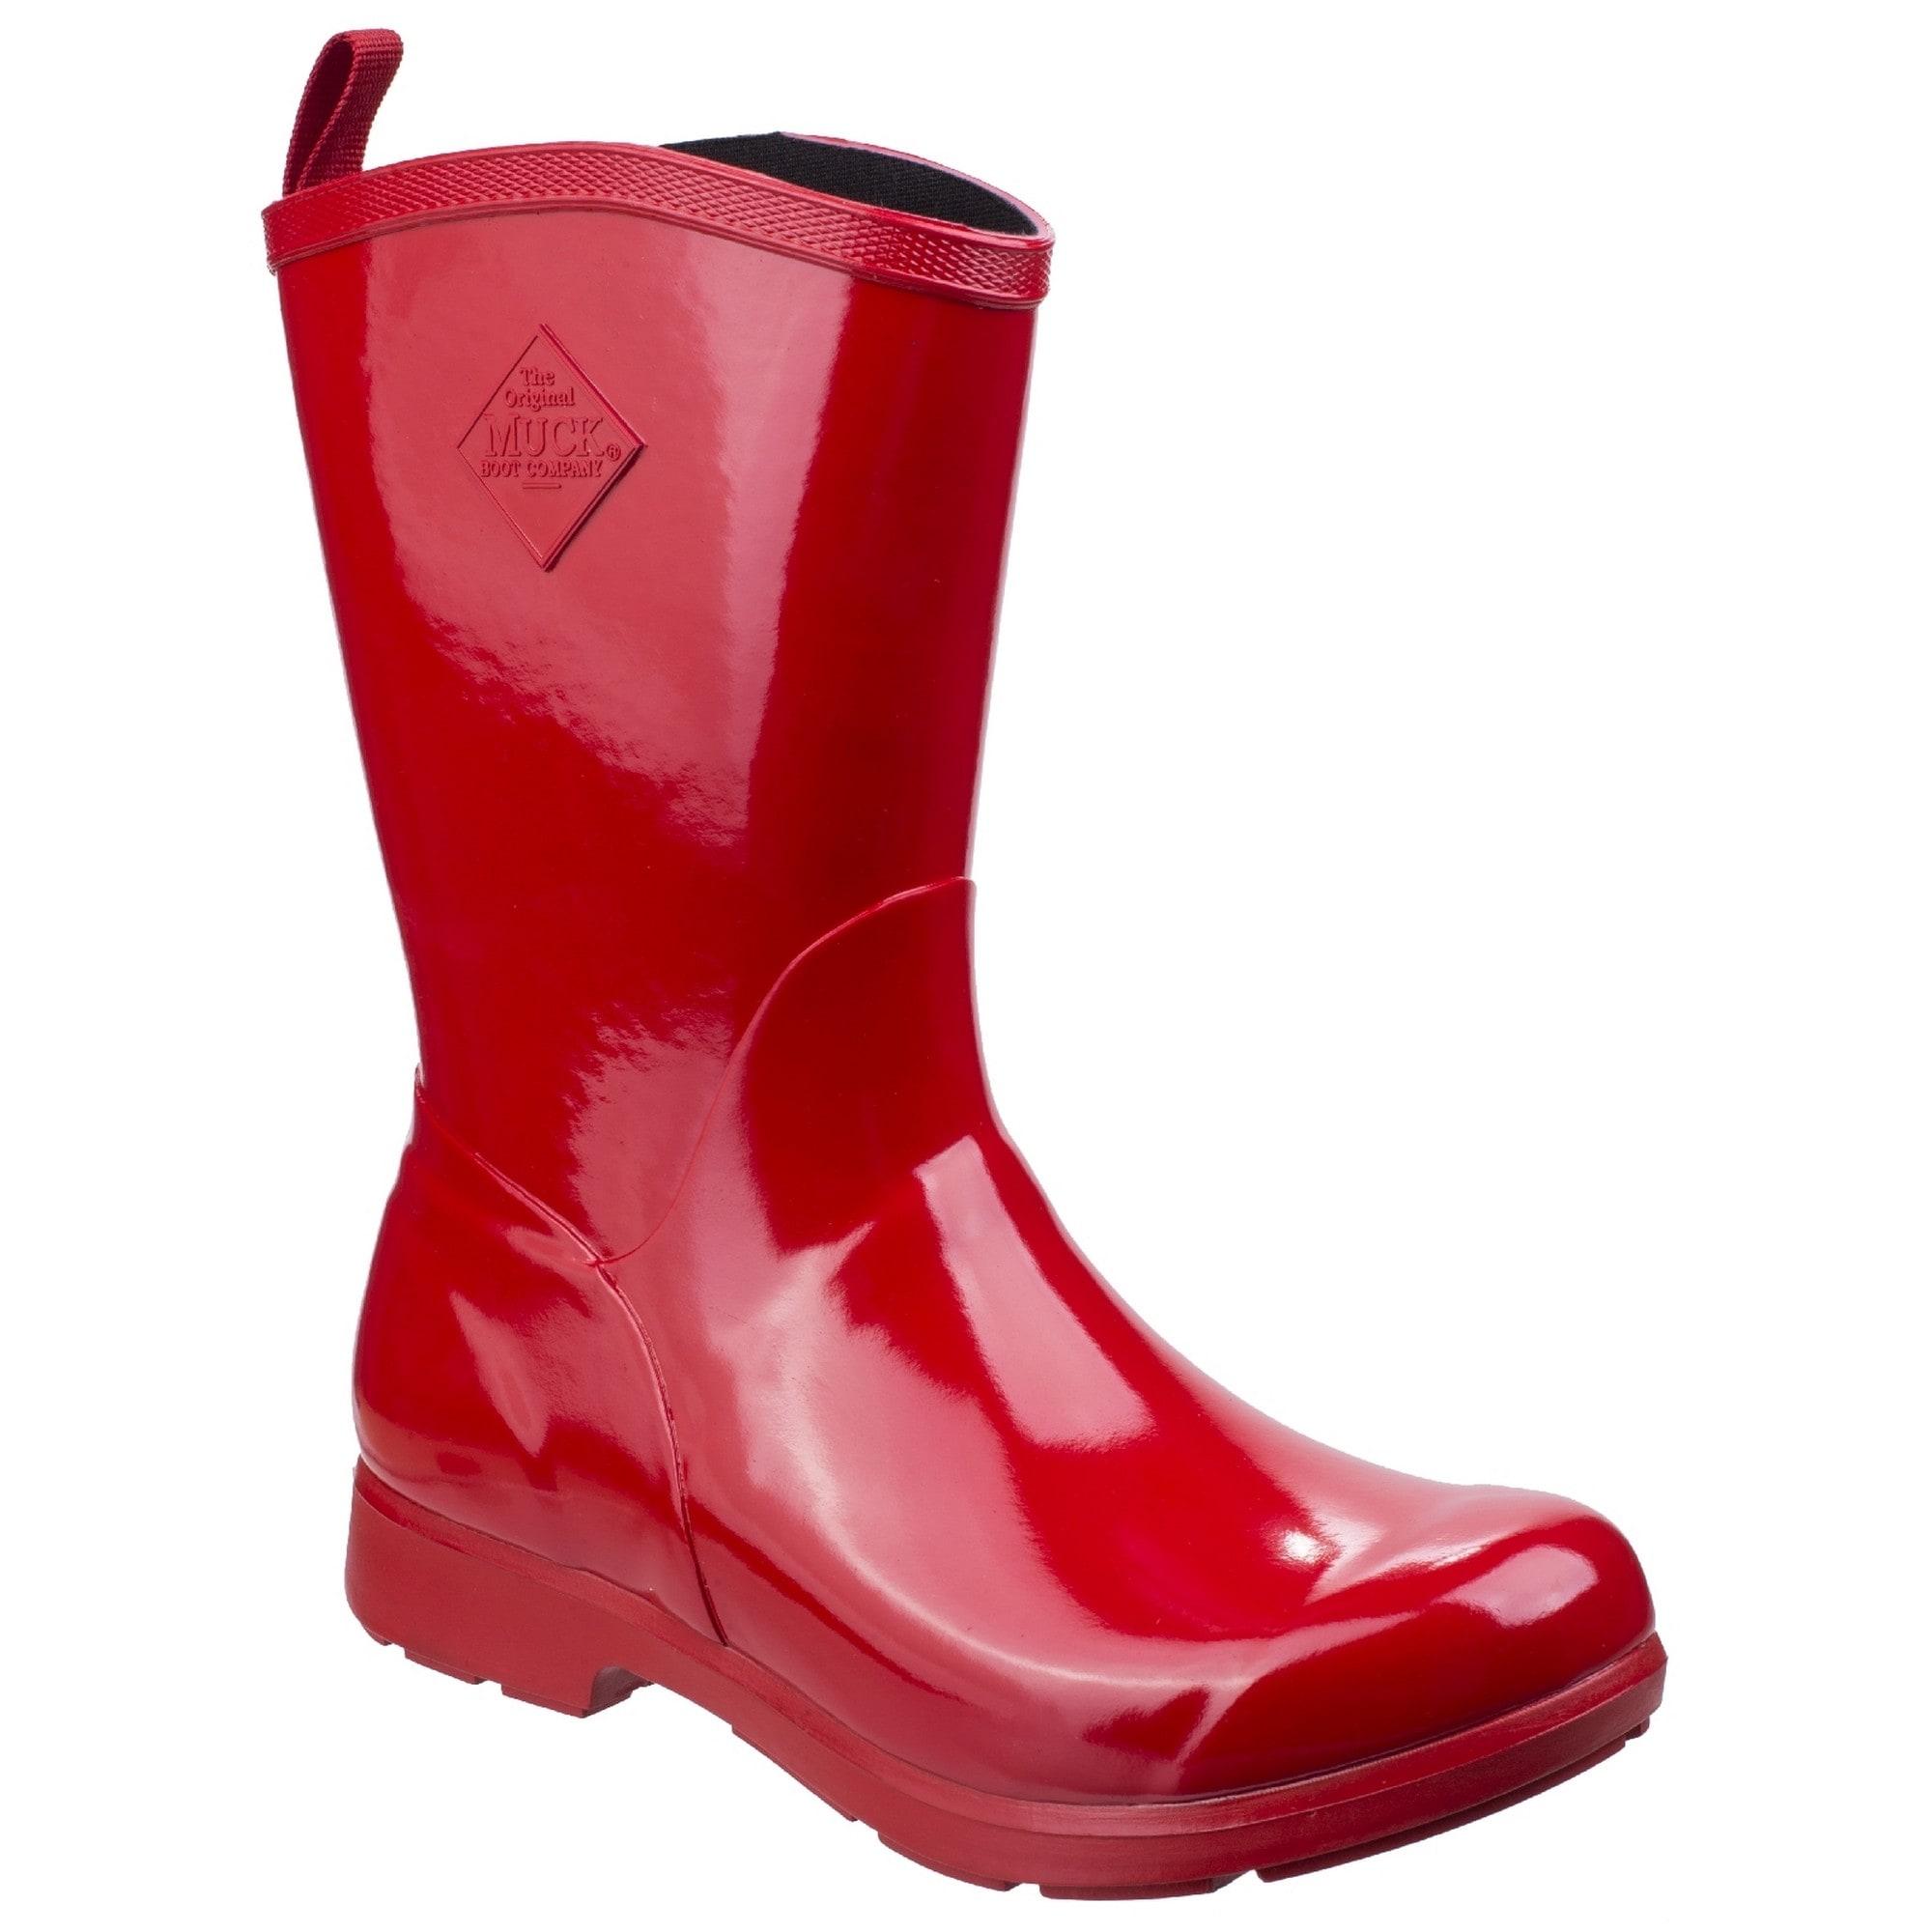 muck boots -  Gummistiefel Damen Bergen, leicht, mittlere Höhe